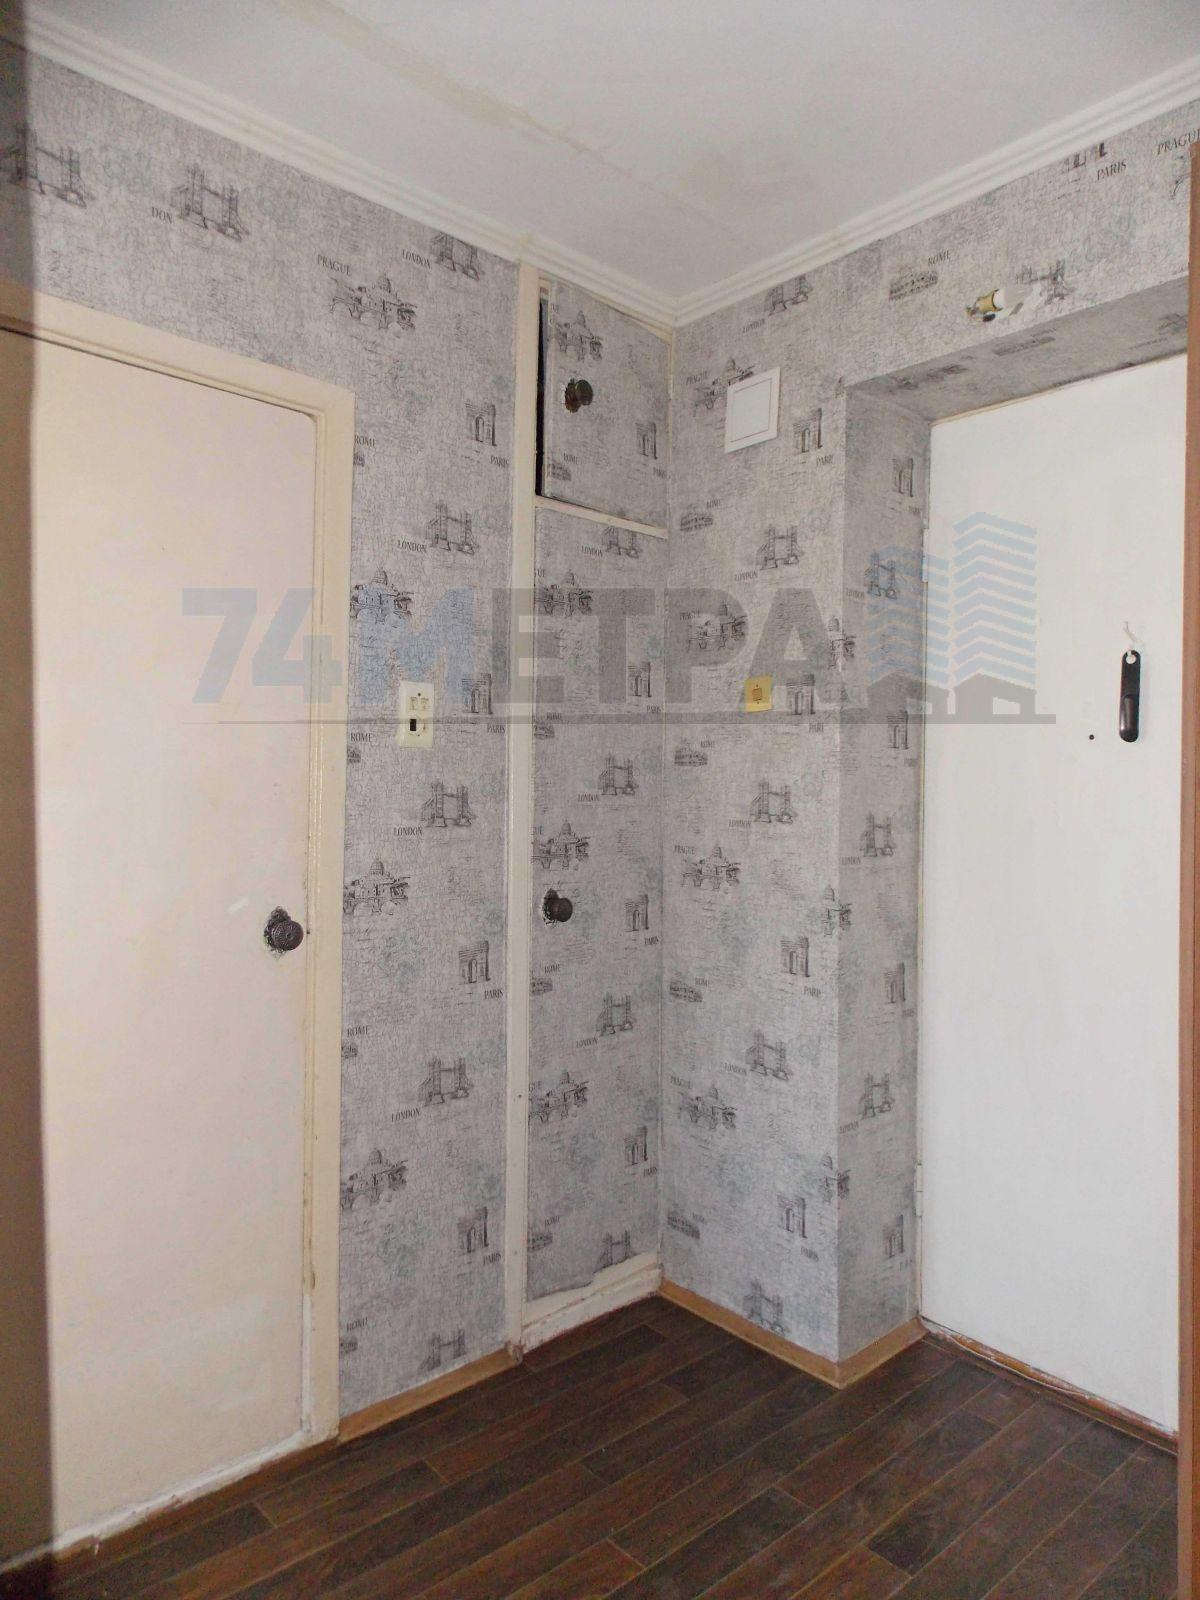 10 000 ₽, 1 - комнатная квартира, площадь 36 м², этаж 2/10